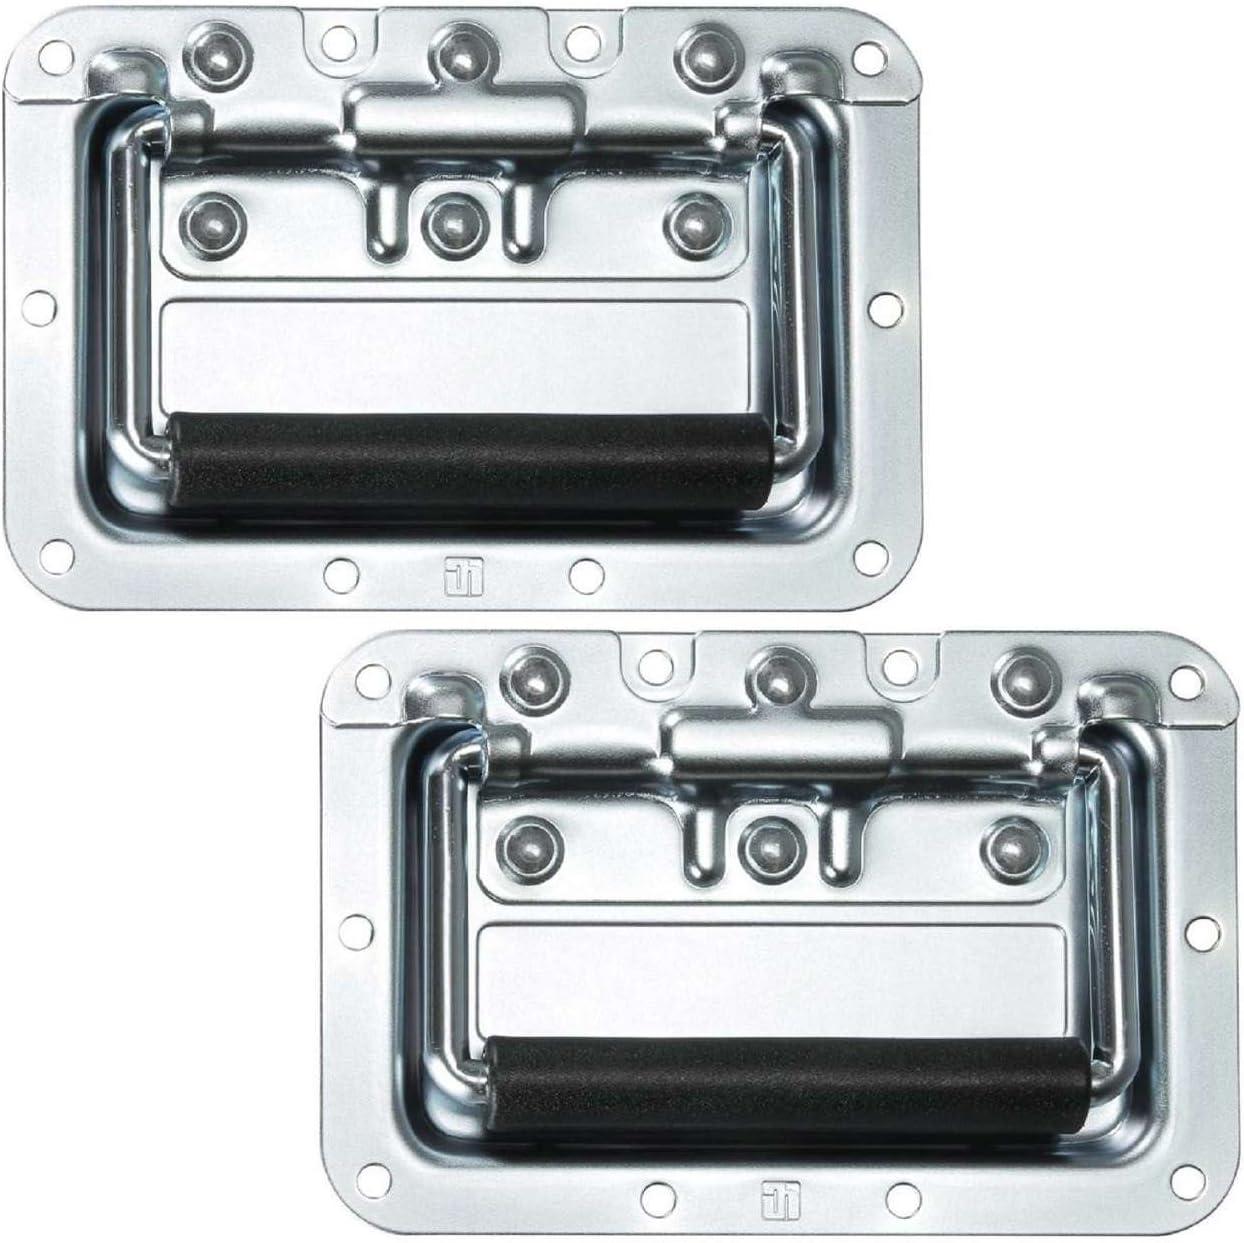 2er Set Klappgriff//Kistengriff gefedert silber in 8 mm Einbauschale Adam Hall Hardware 34082 M2 AH